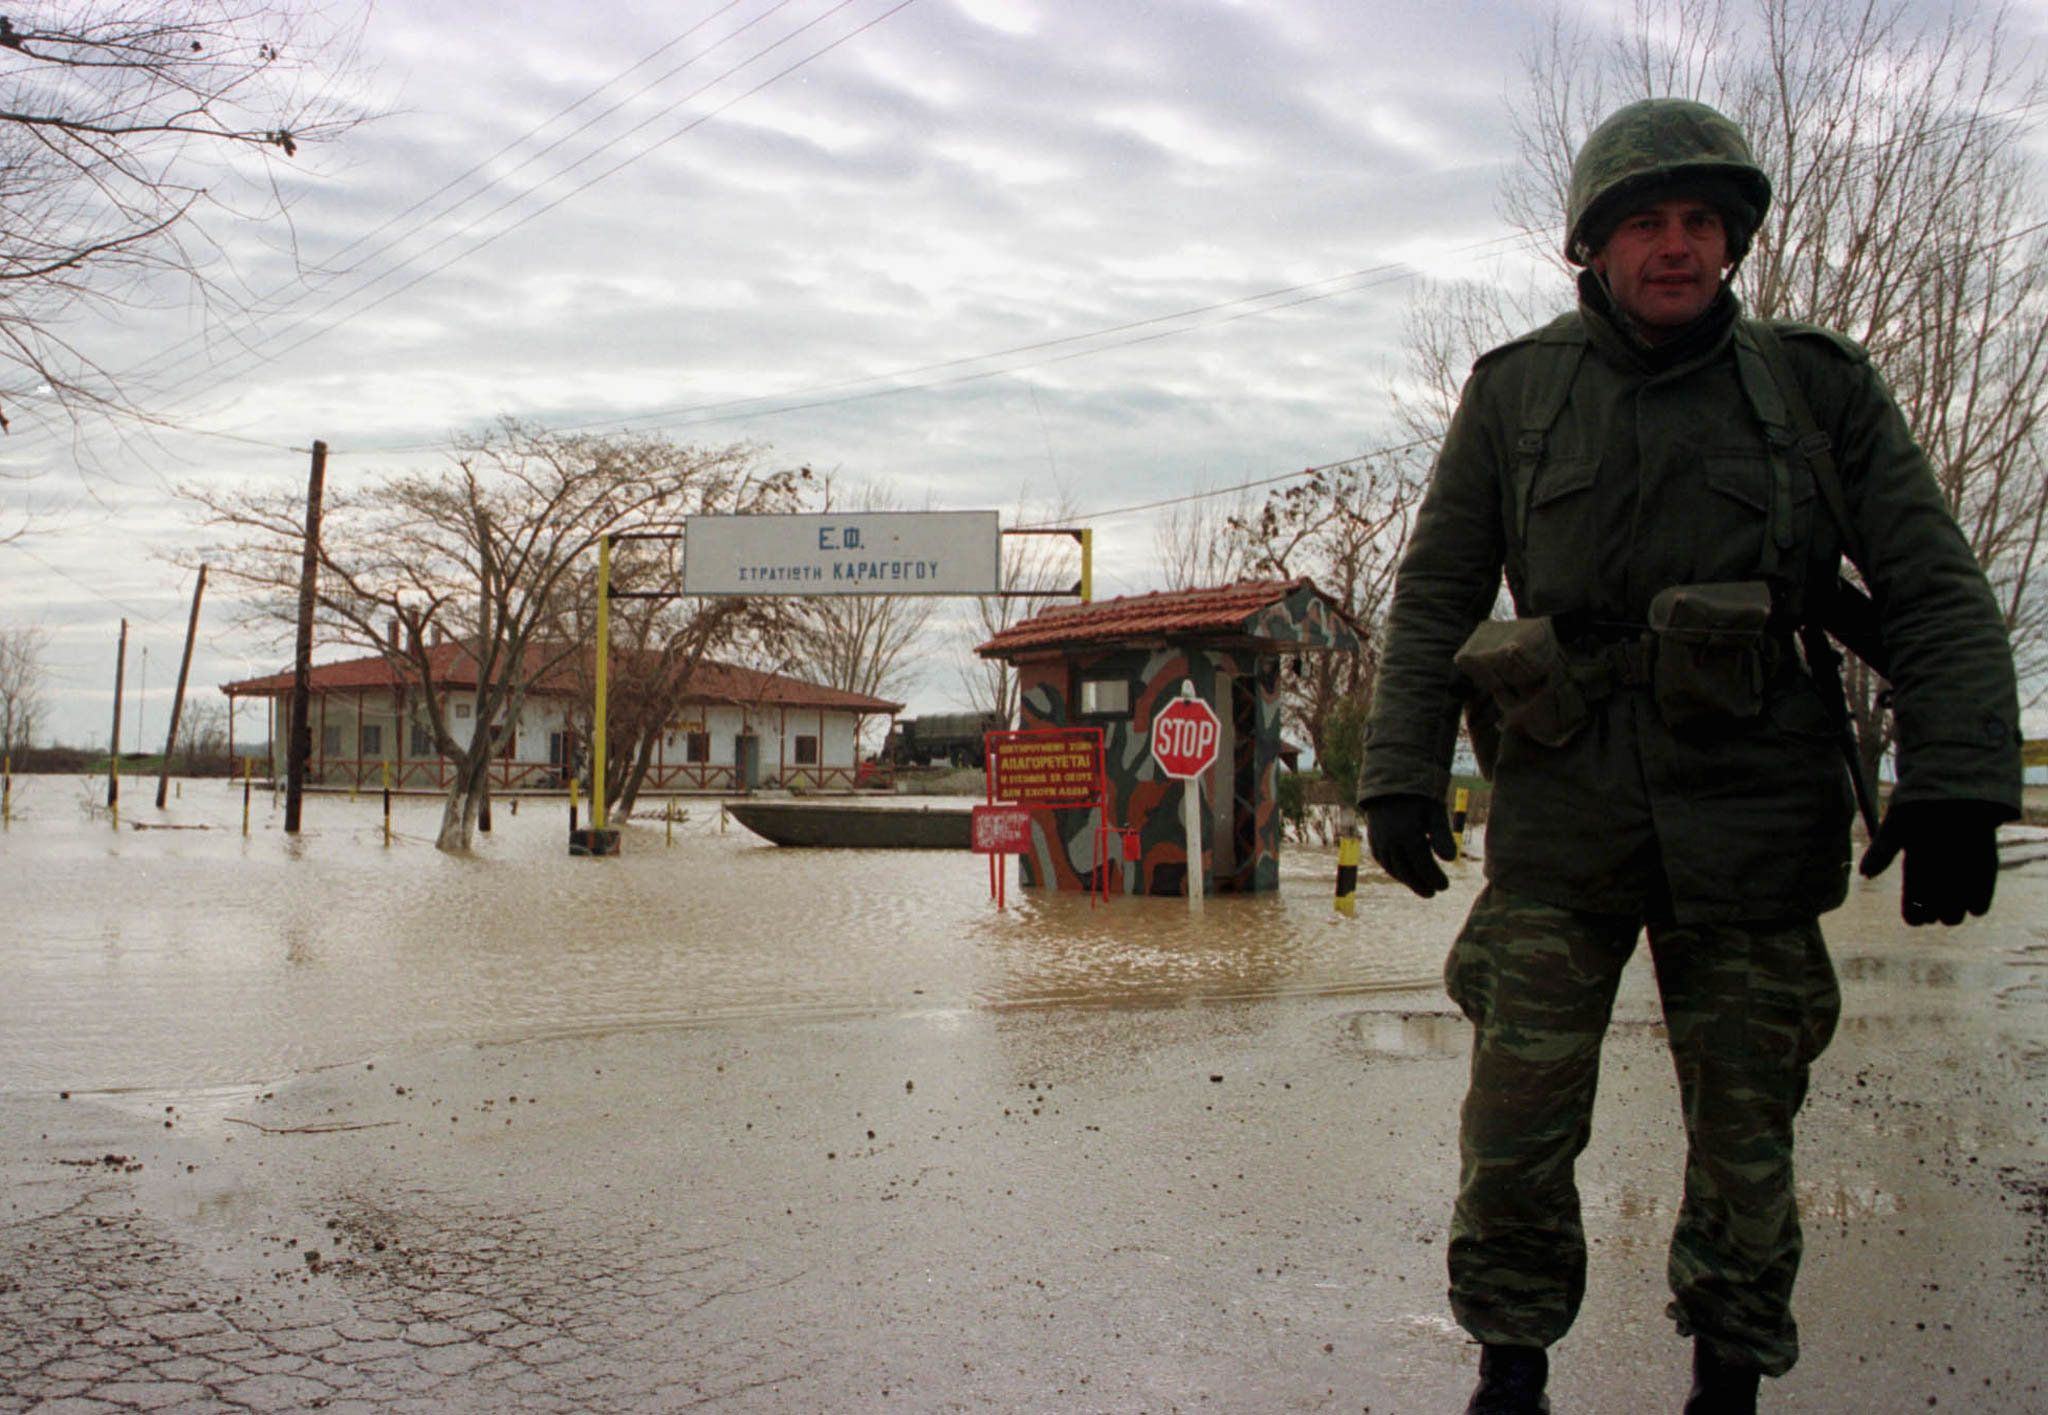 Spiegel: Κλιμακώνεται η ελληνοτουρκική